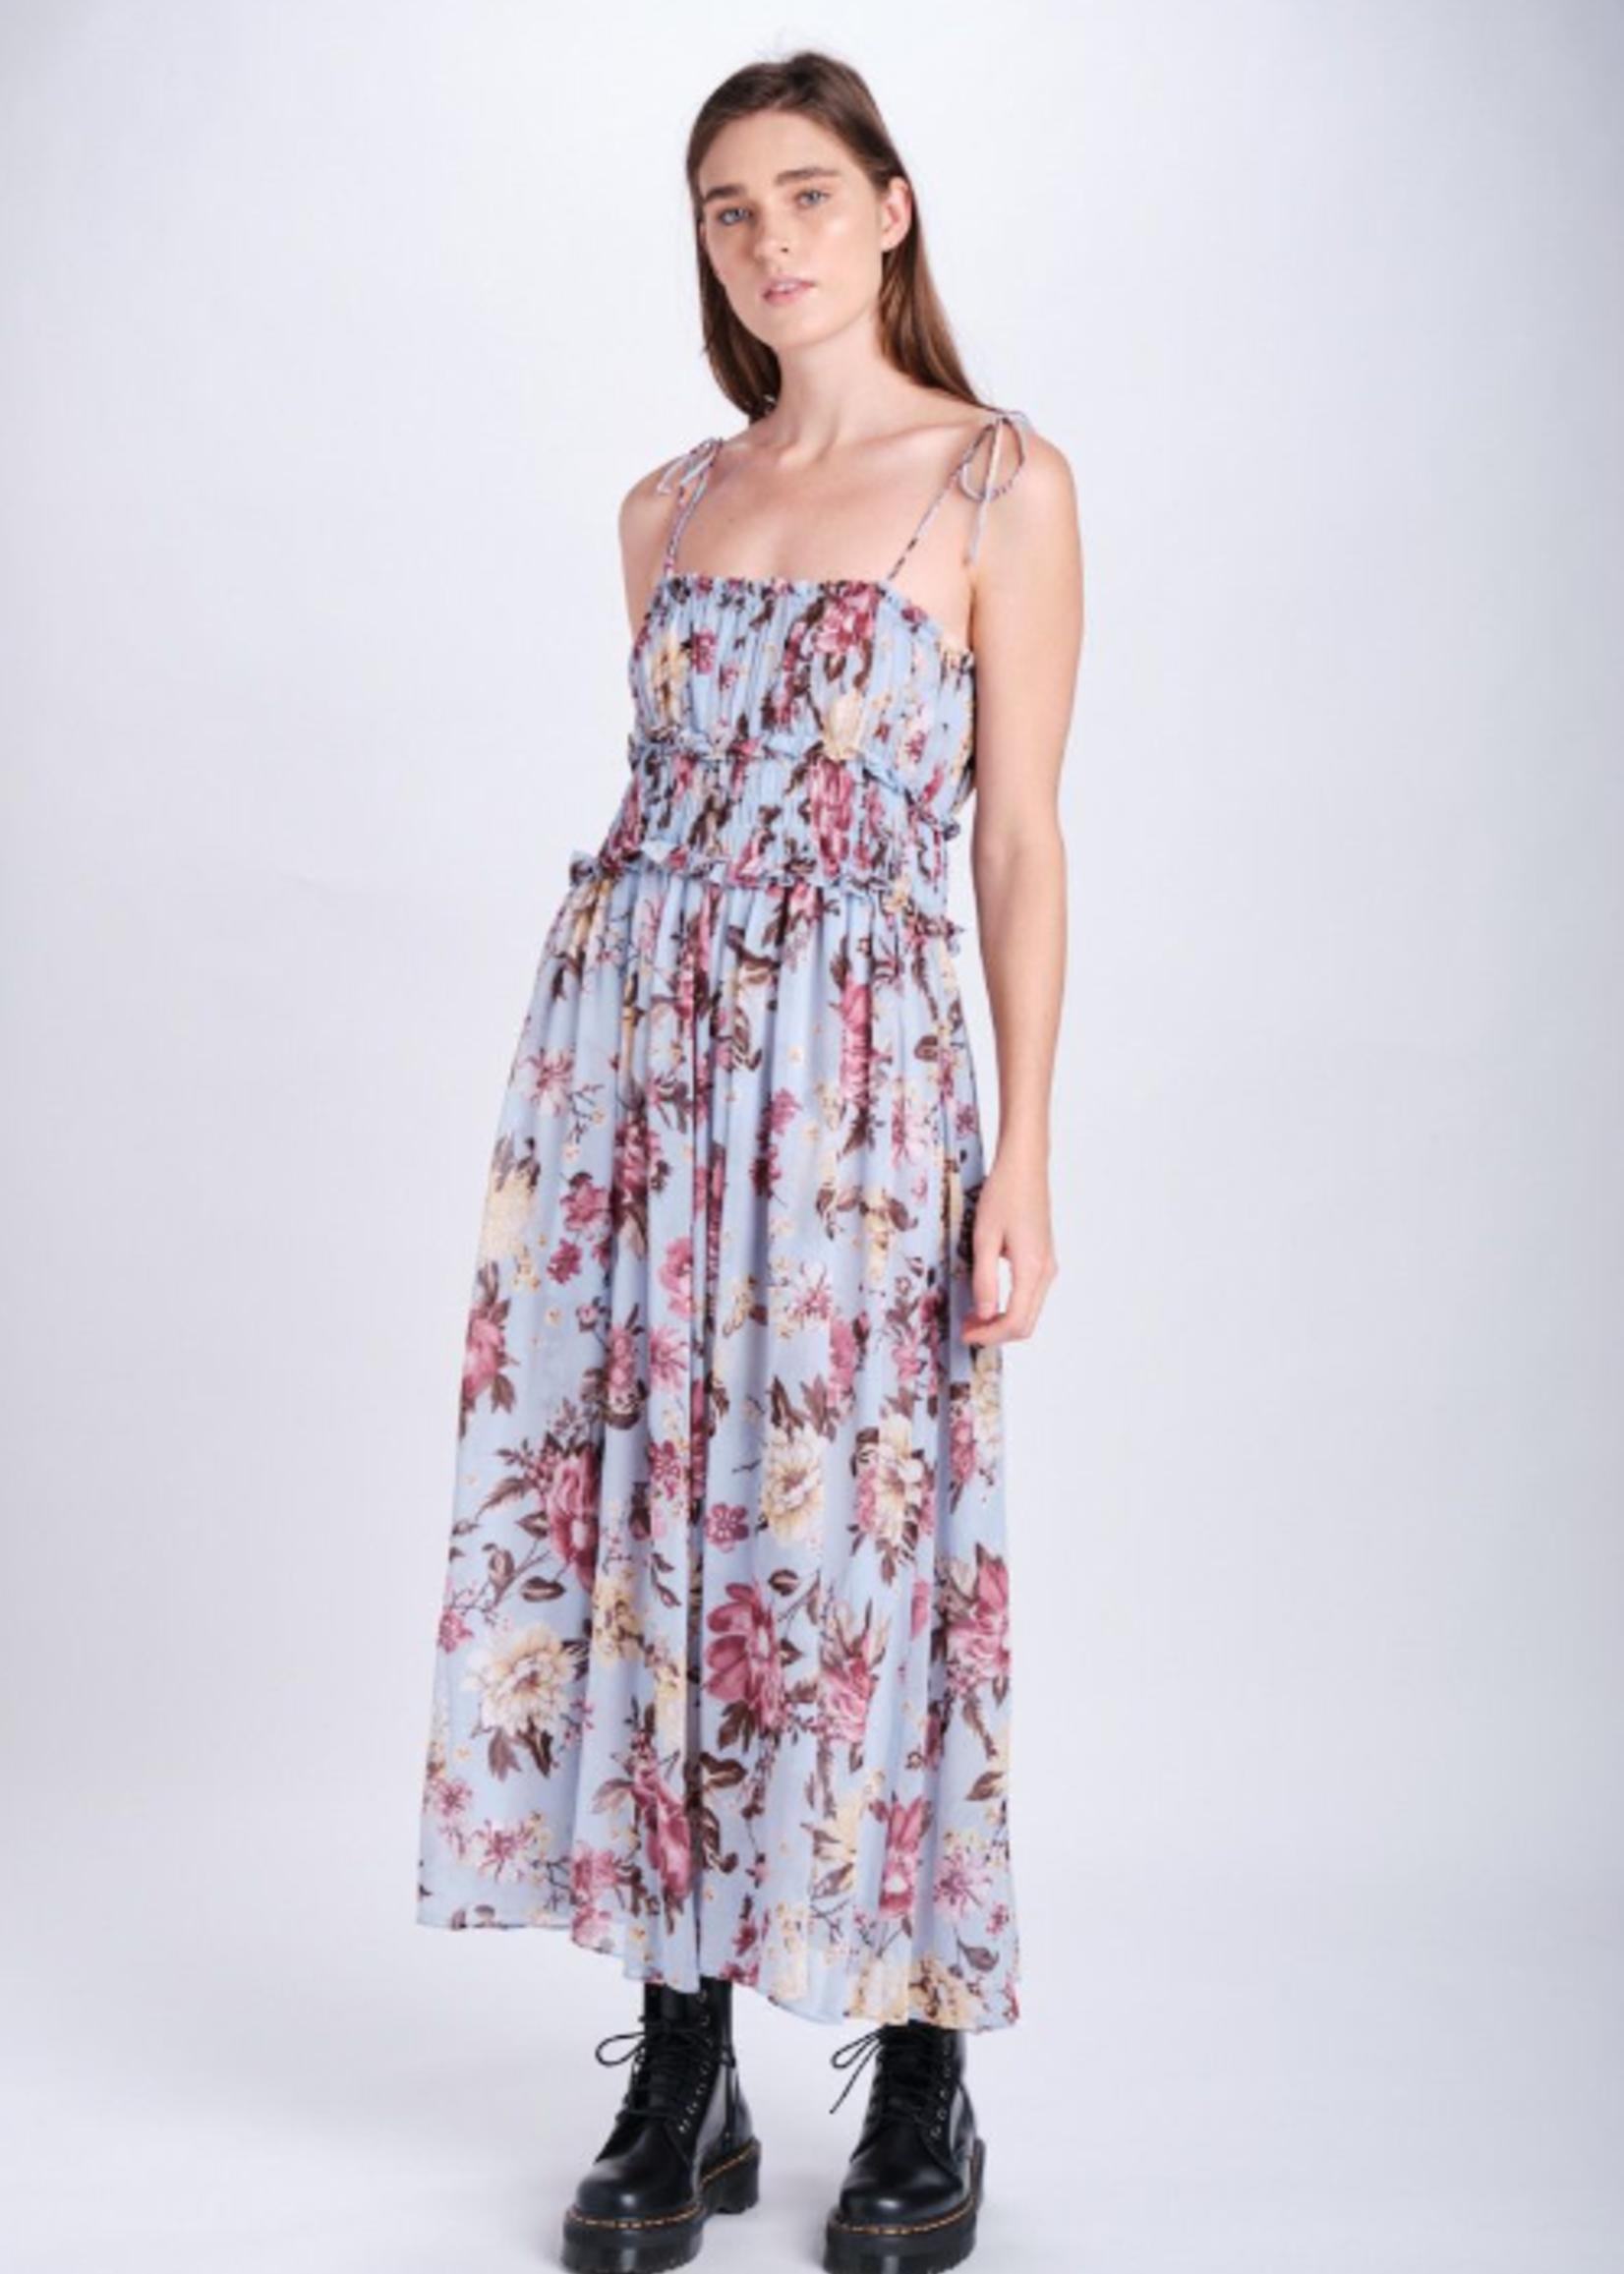 Elitaire Boutique Floral Print Maxi Dress